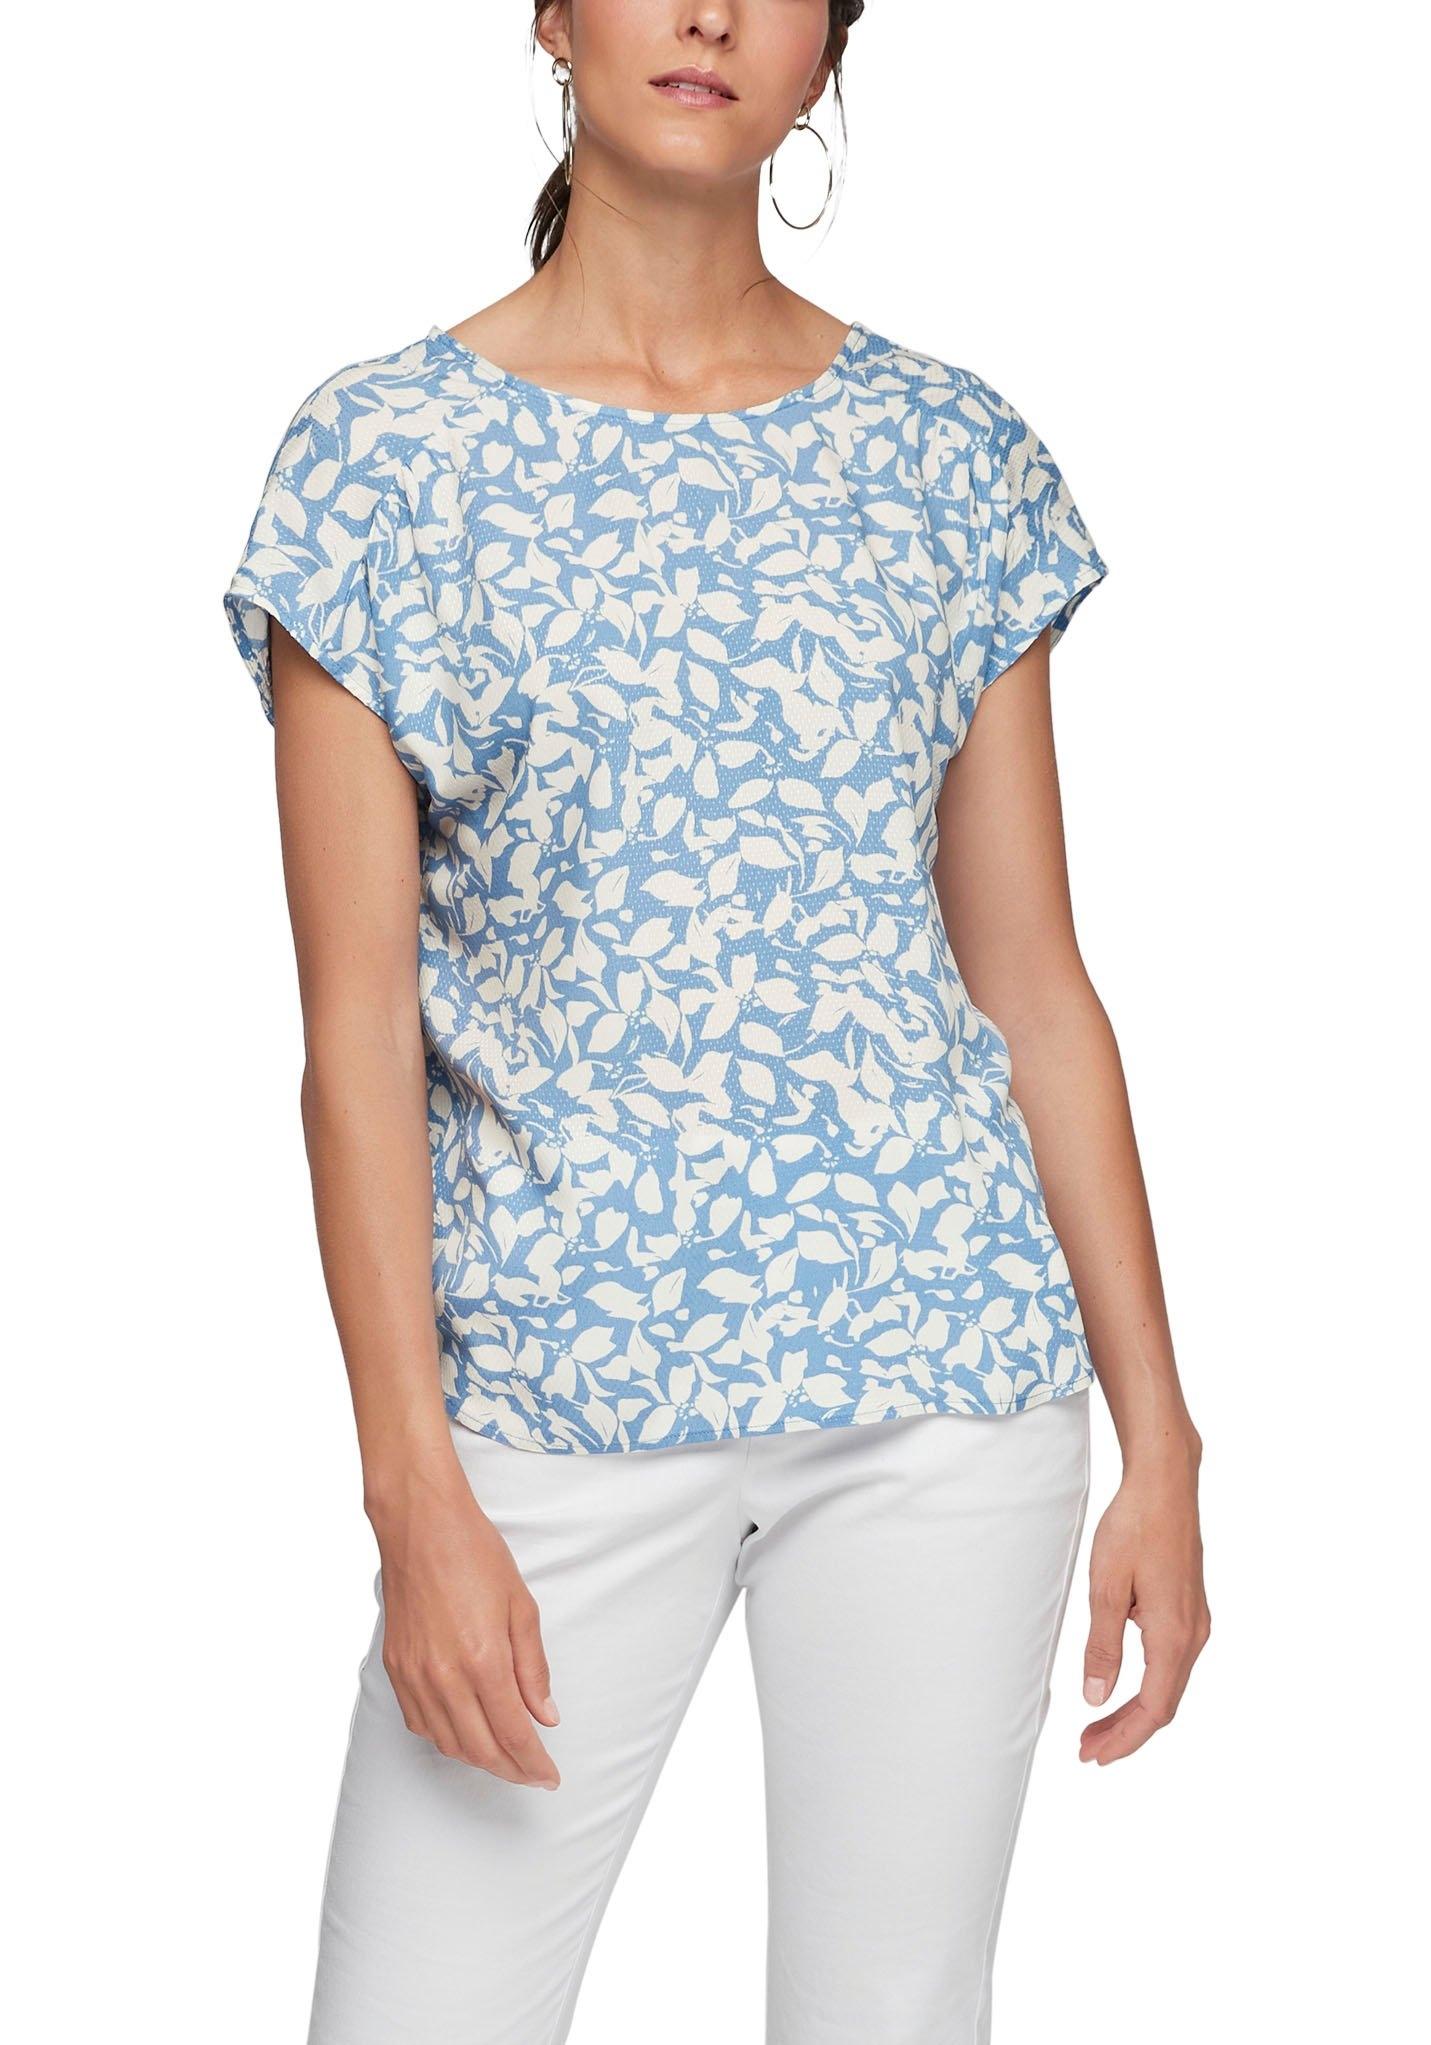 s.Oliver gedessineerde blouse Ruglijn met klein strikdetail nu online bestellen